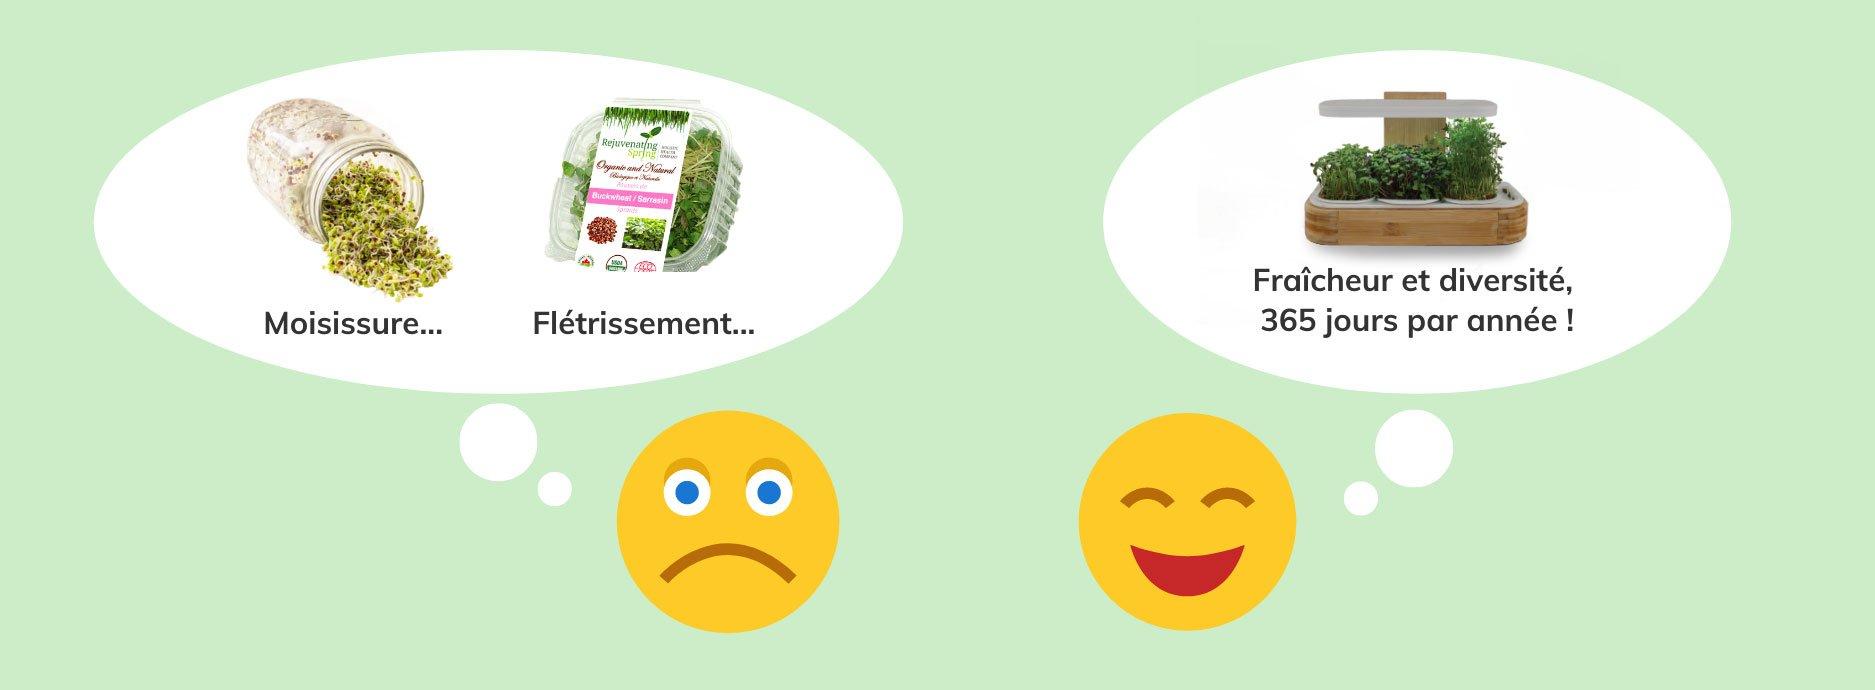 Bonhomme sourire déçu en pensant à la culture de germinations (problèmes de moisissure) en pot vs. bonhomme sourire content qui pense à culture novagrow (fraicheur inégalée